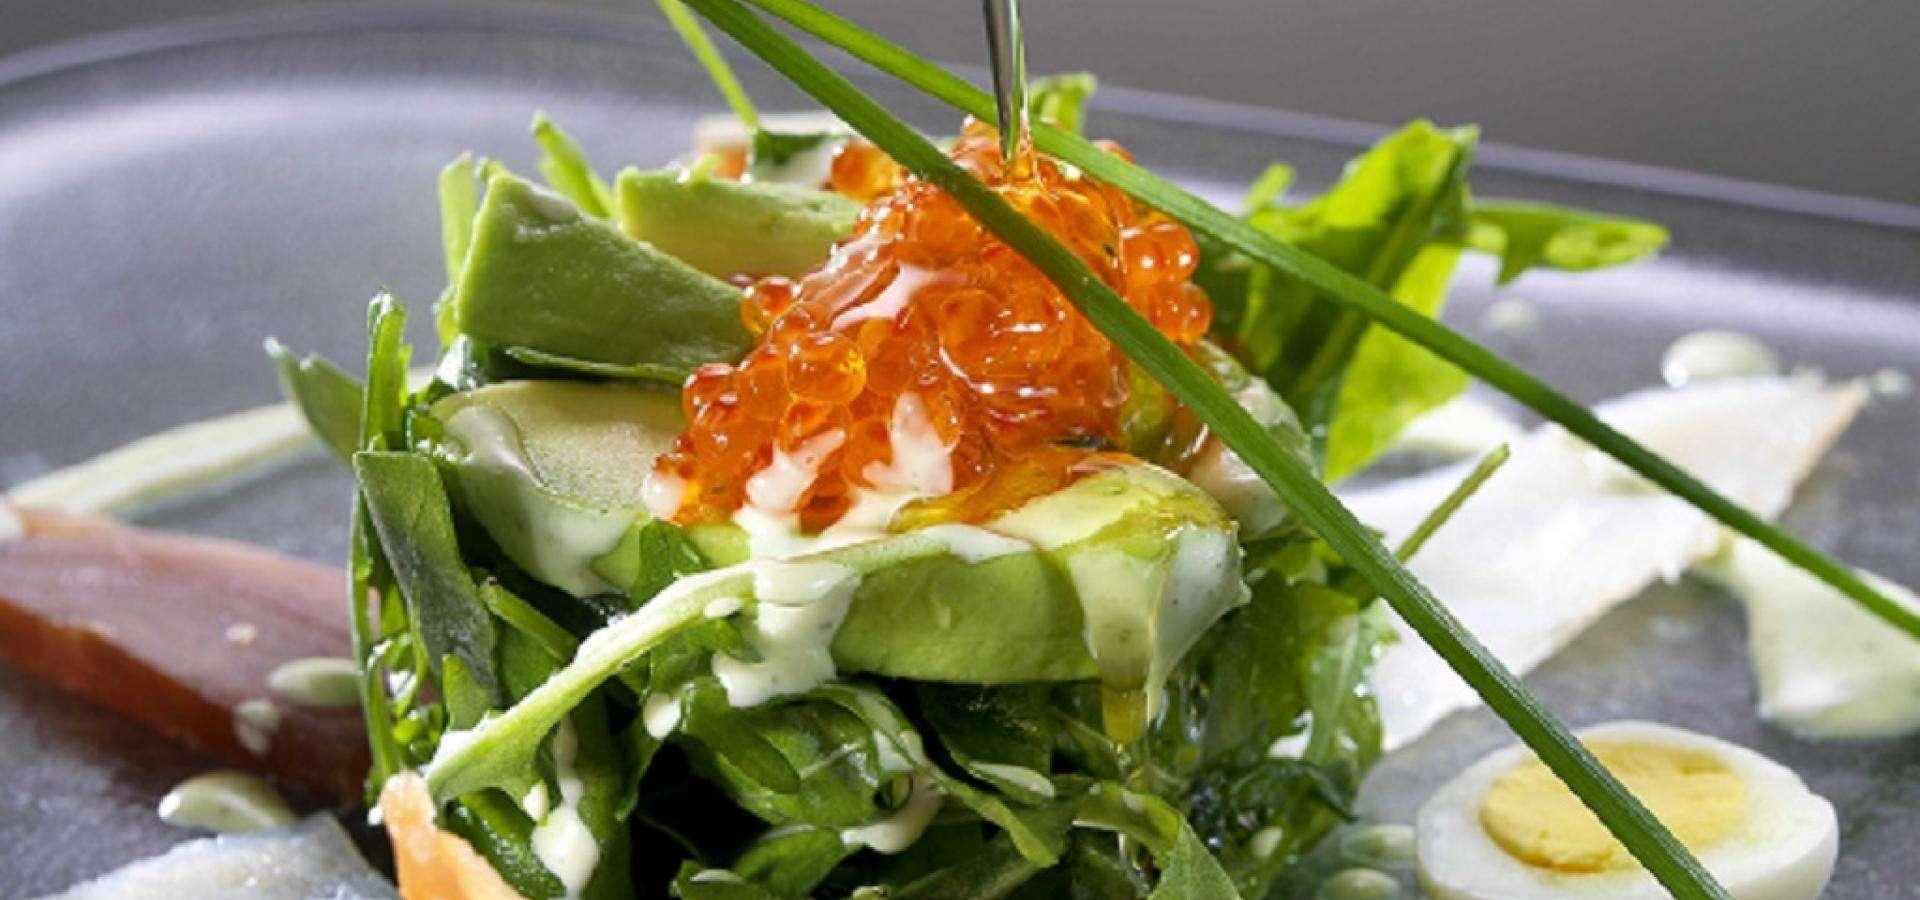 Receta de ensalada de rúcula con ahumados y aguacate